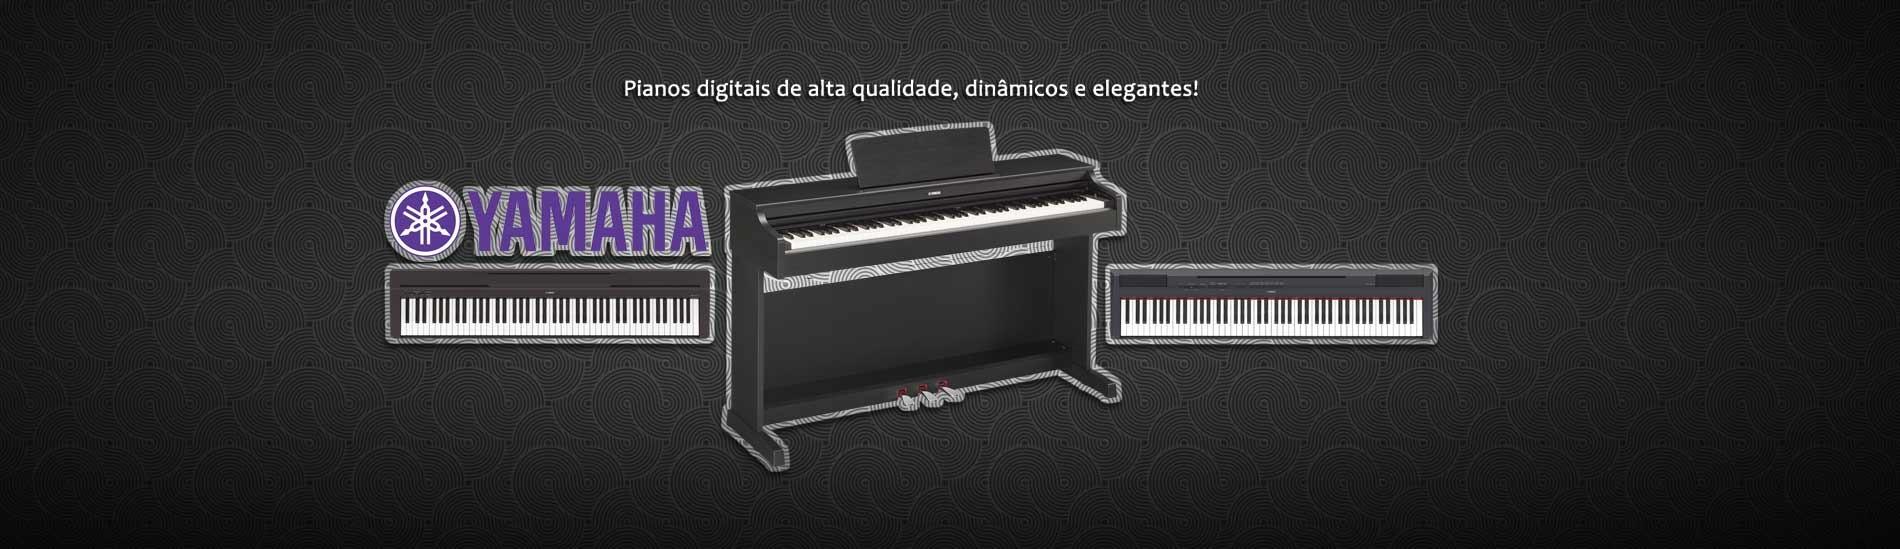 Pianos digitais Yamaha